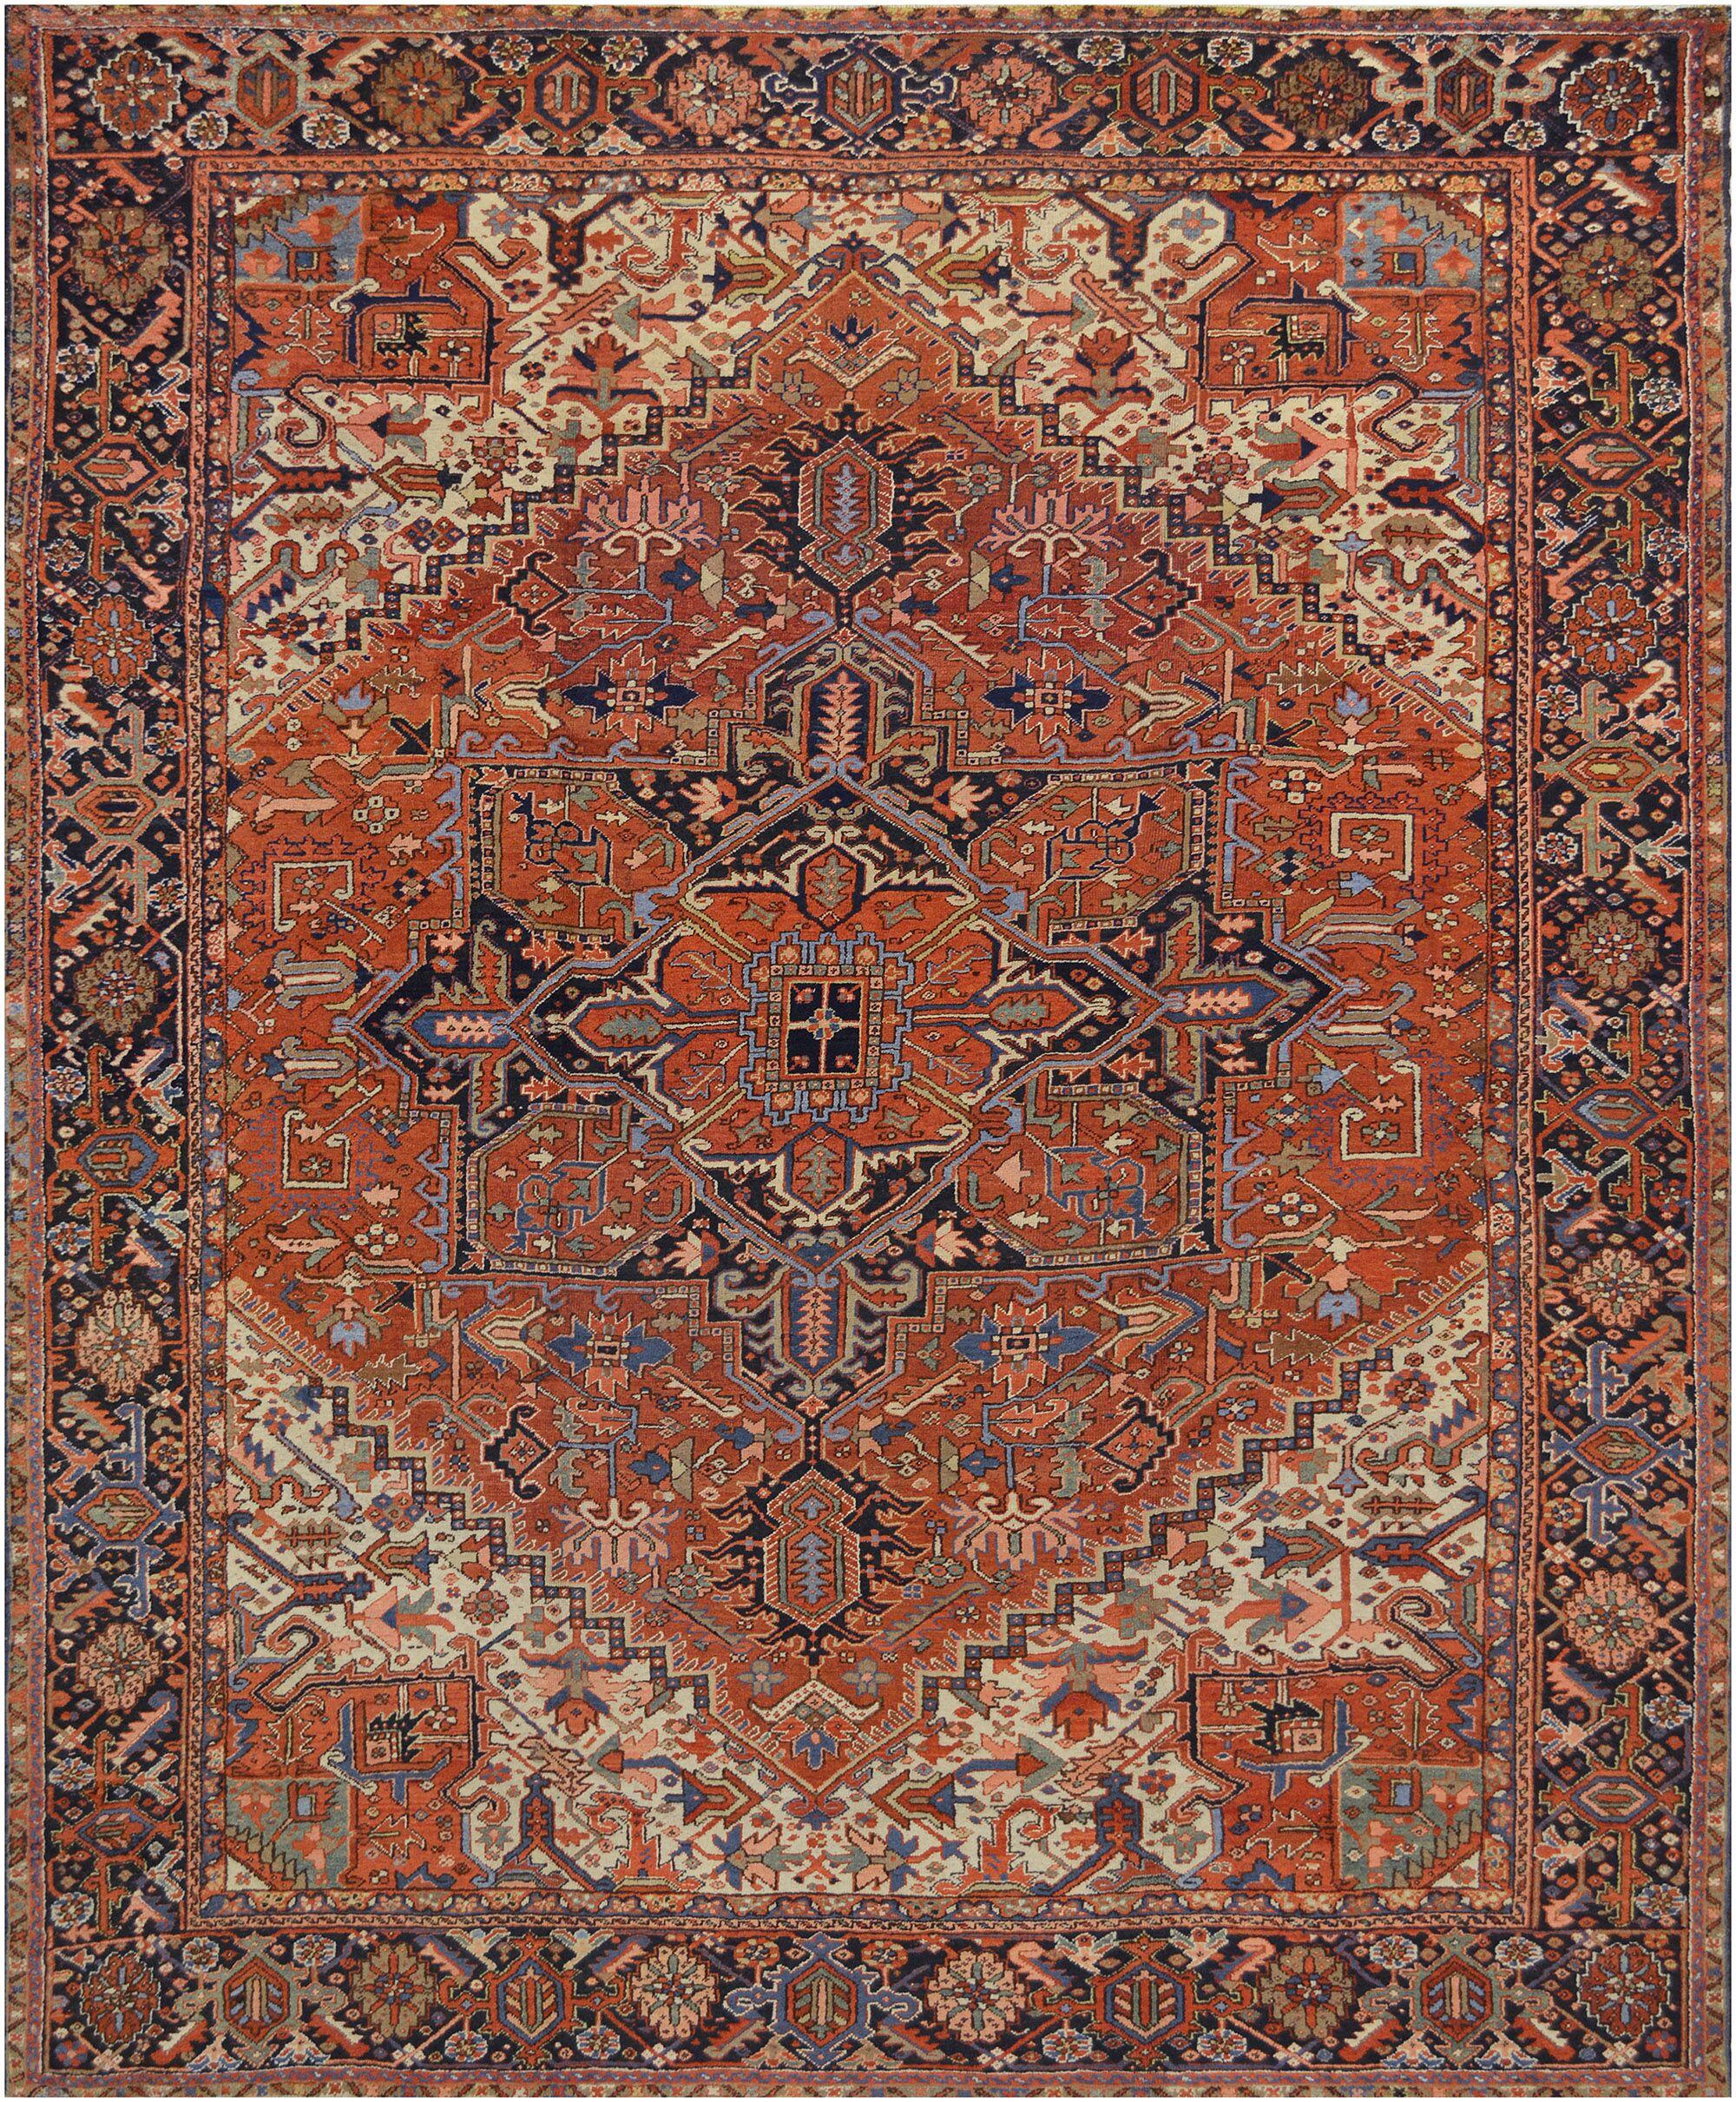 One-of-a-Kind Antique Heriz Handwoven Wool Brown Indoor Area Rug